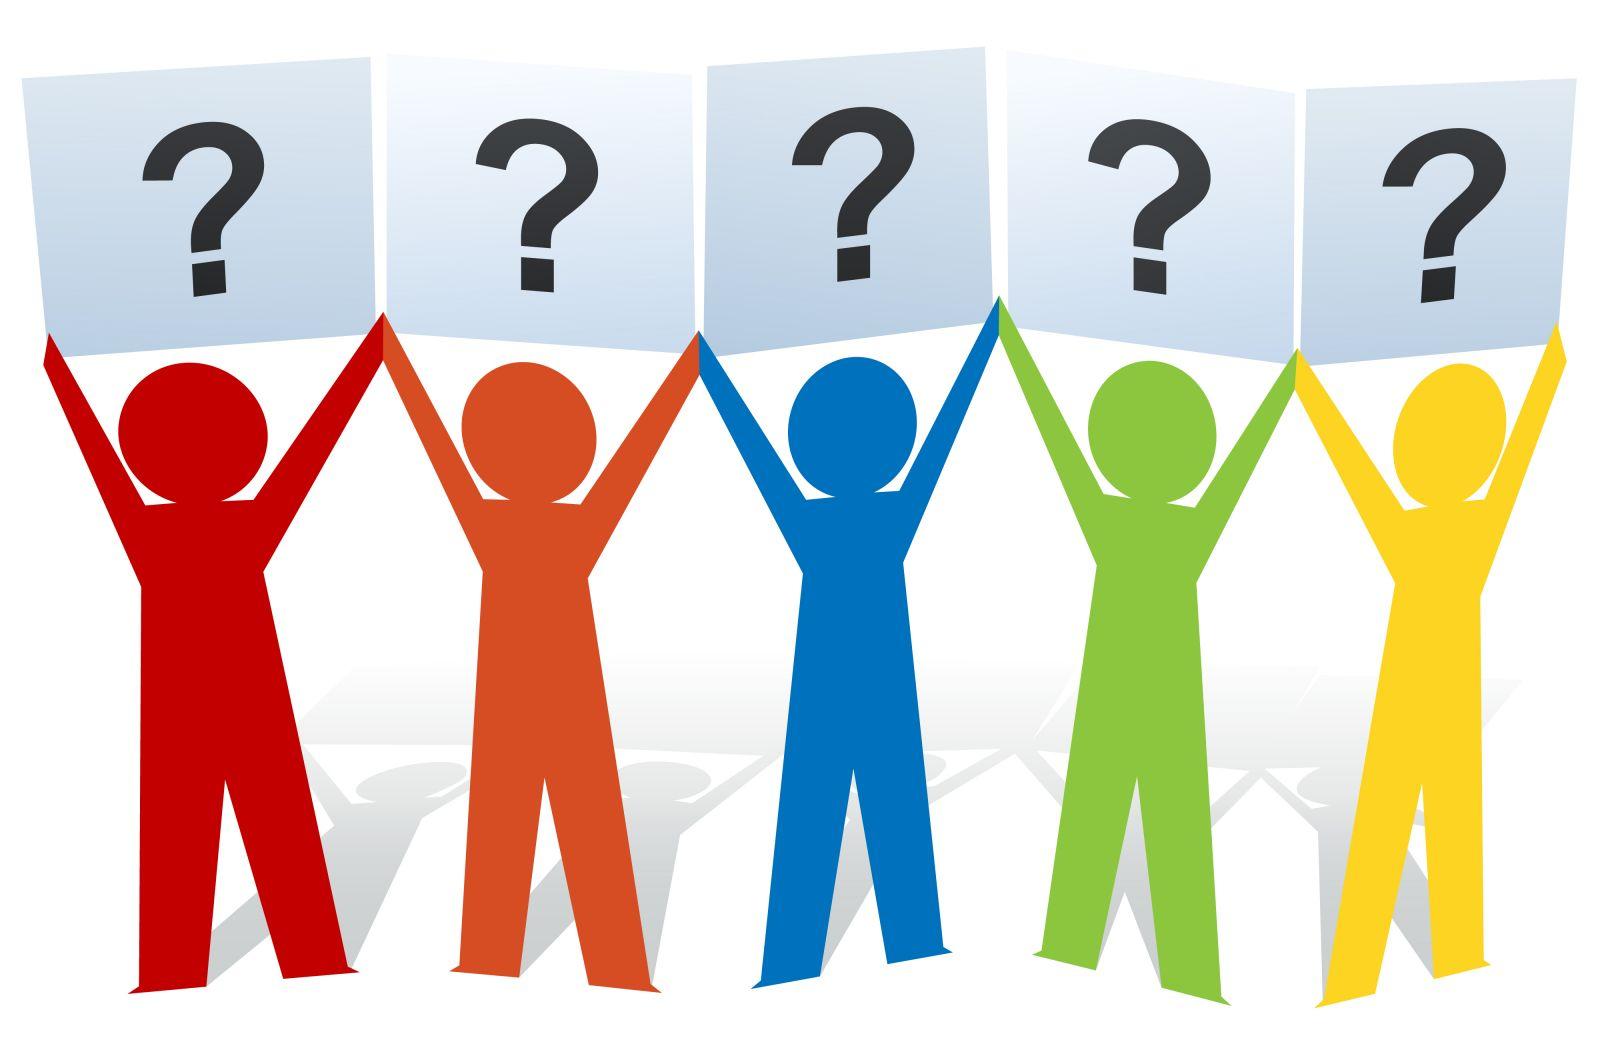 پرسشها و پاسخهای حدیثی